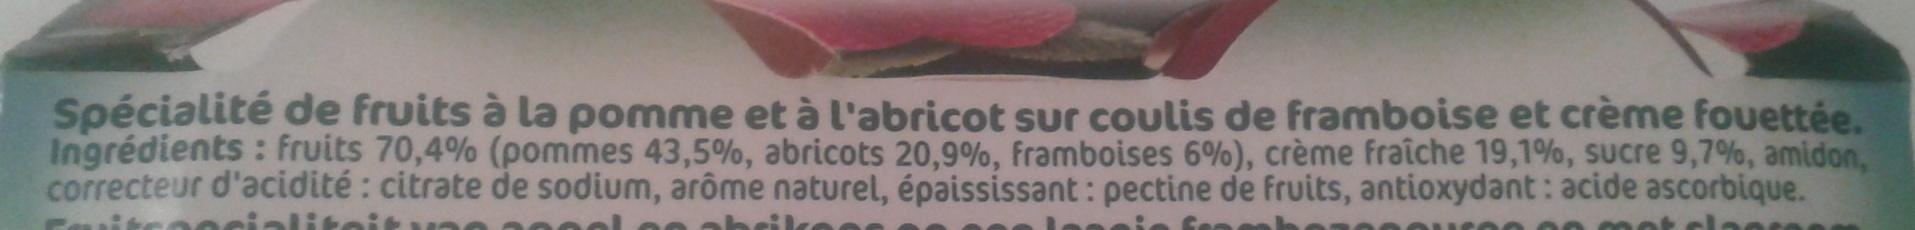 Liegeois de fruits - Ingrediënten - fr